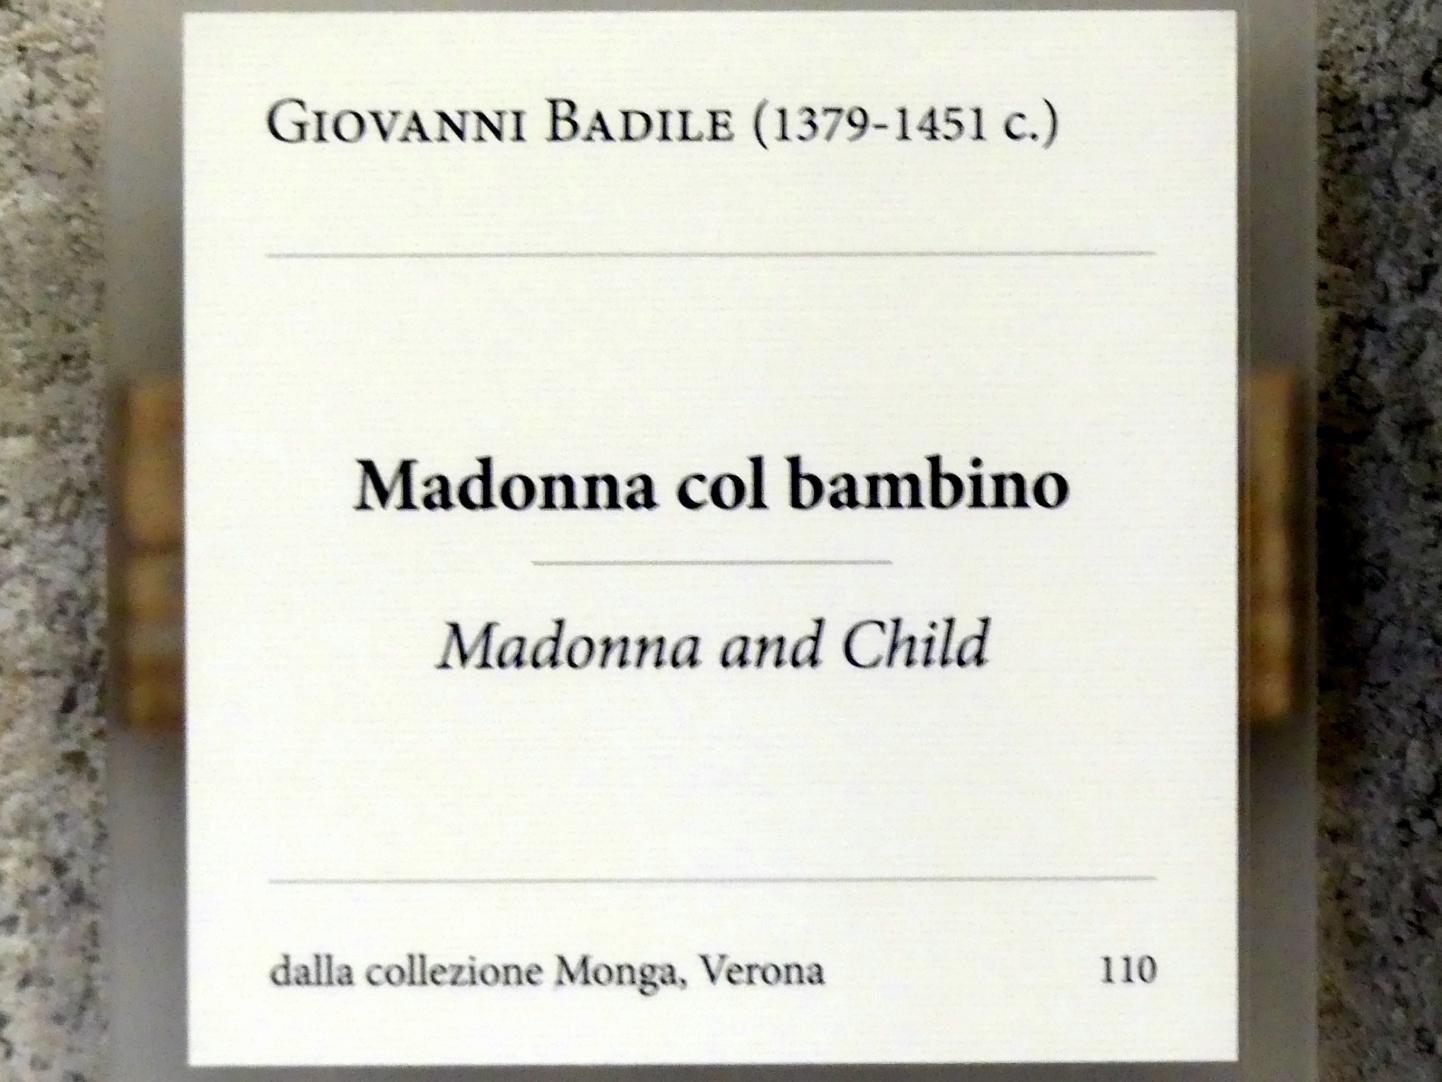 Giovanni Badile: Maria mit Kind, Undatiert, Bild 2/2